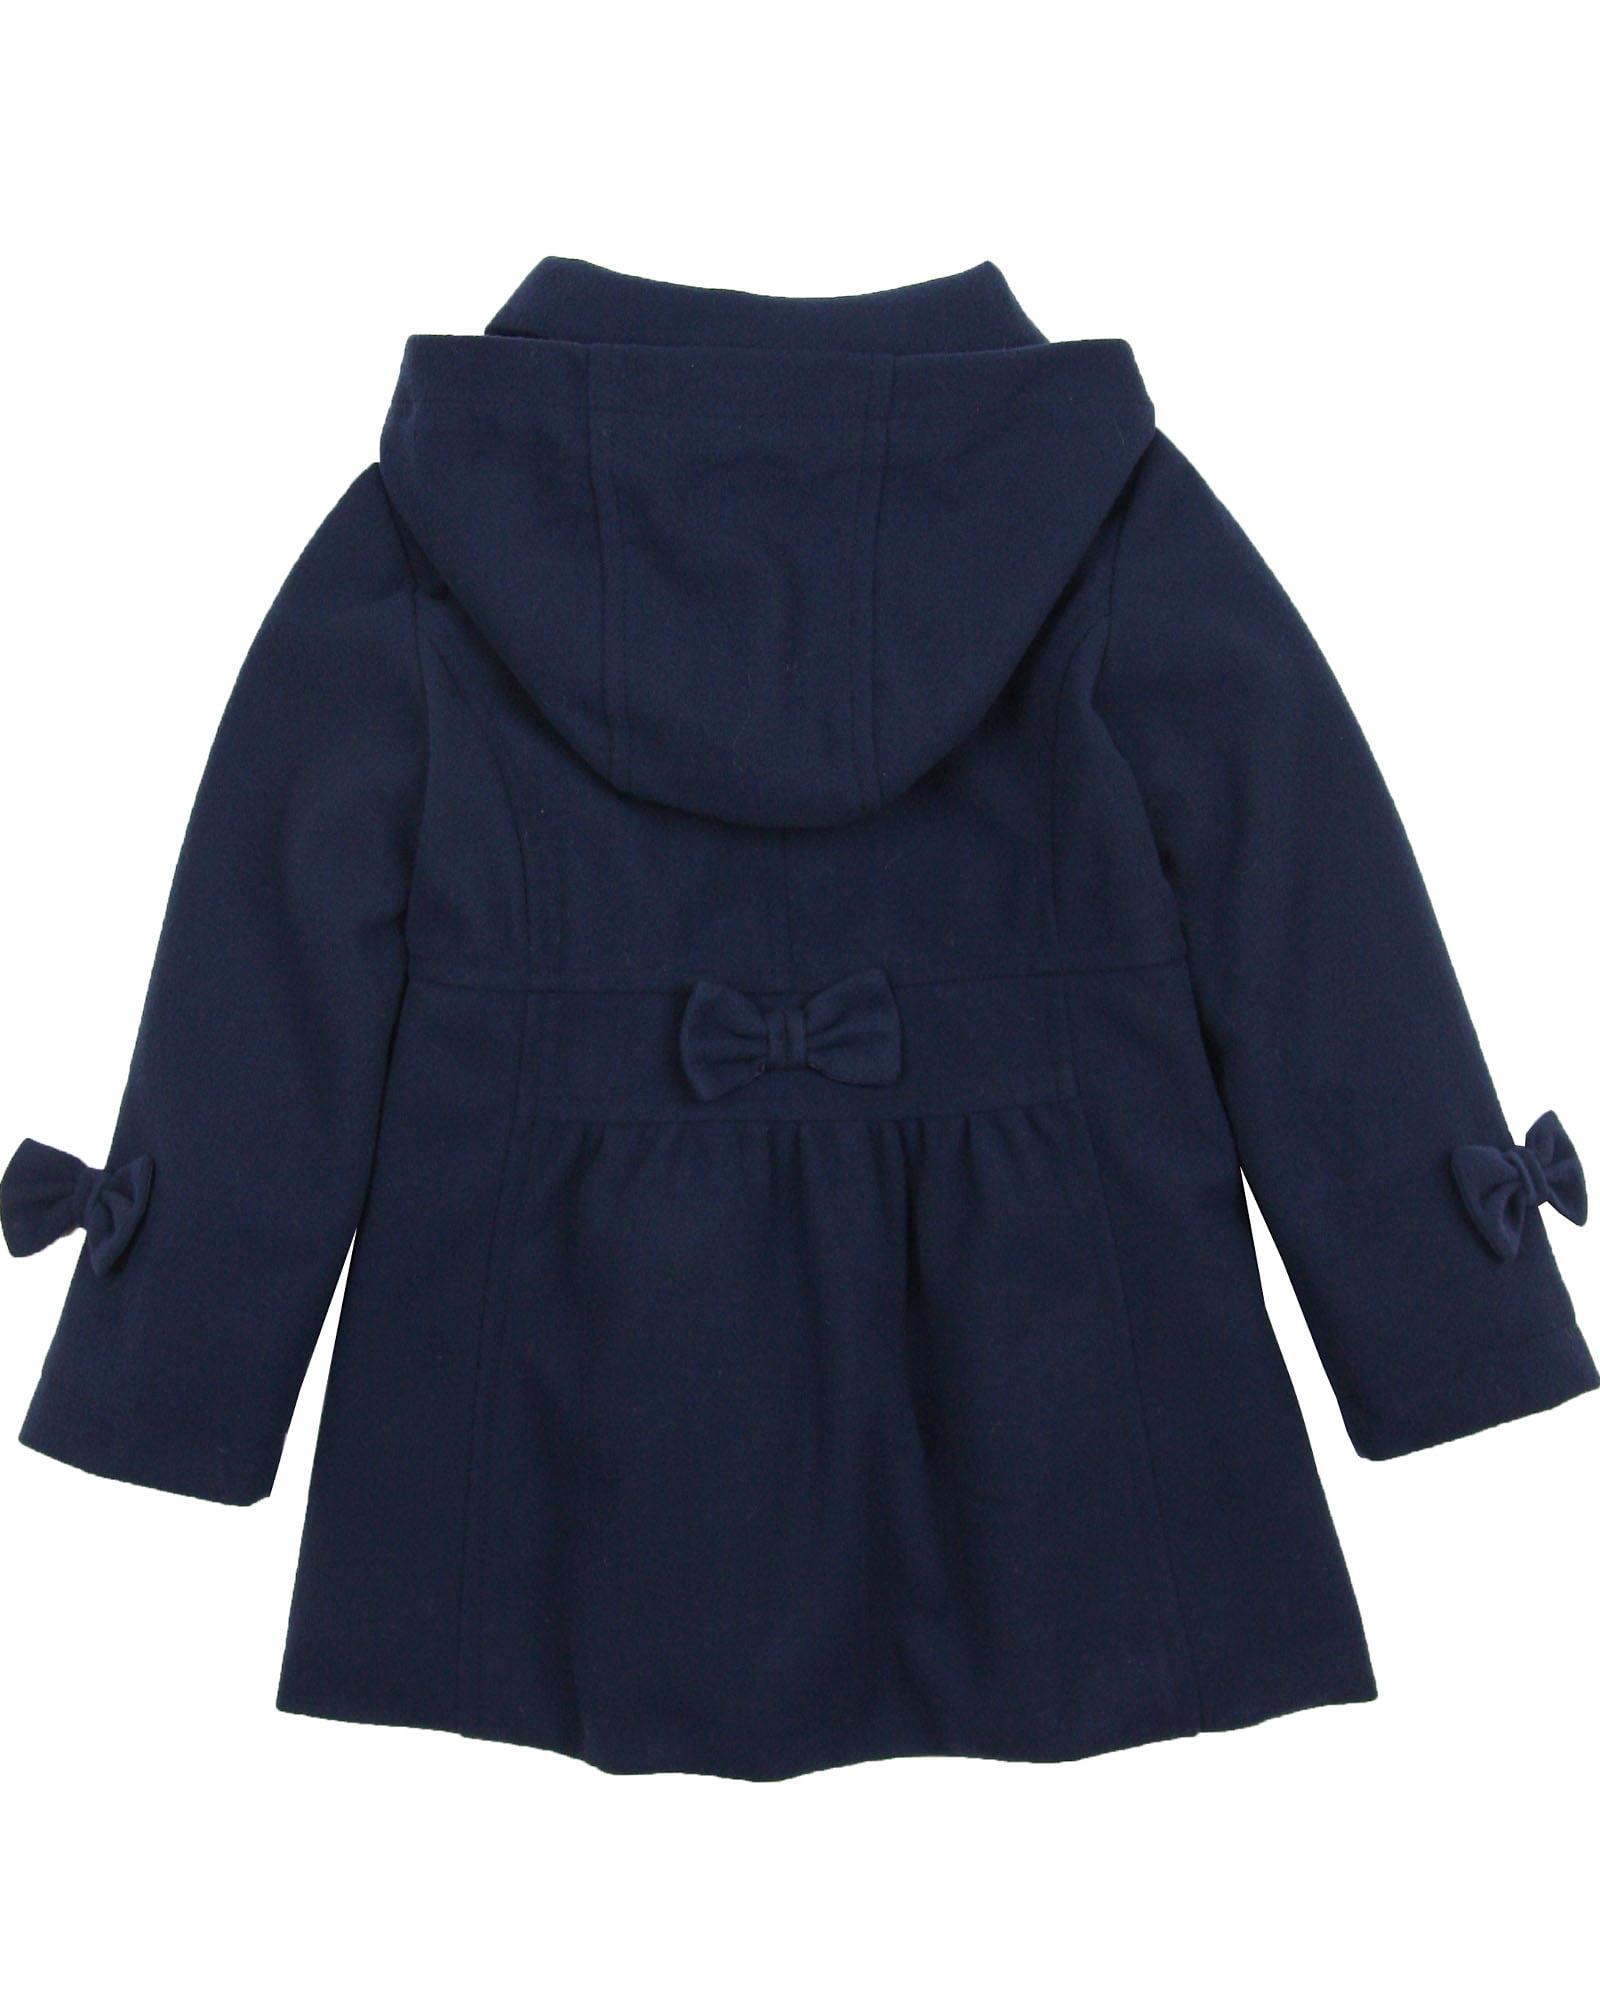 Le Chic Baby Girls Felt Coat Sizes 12M-24M